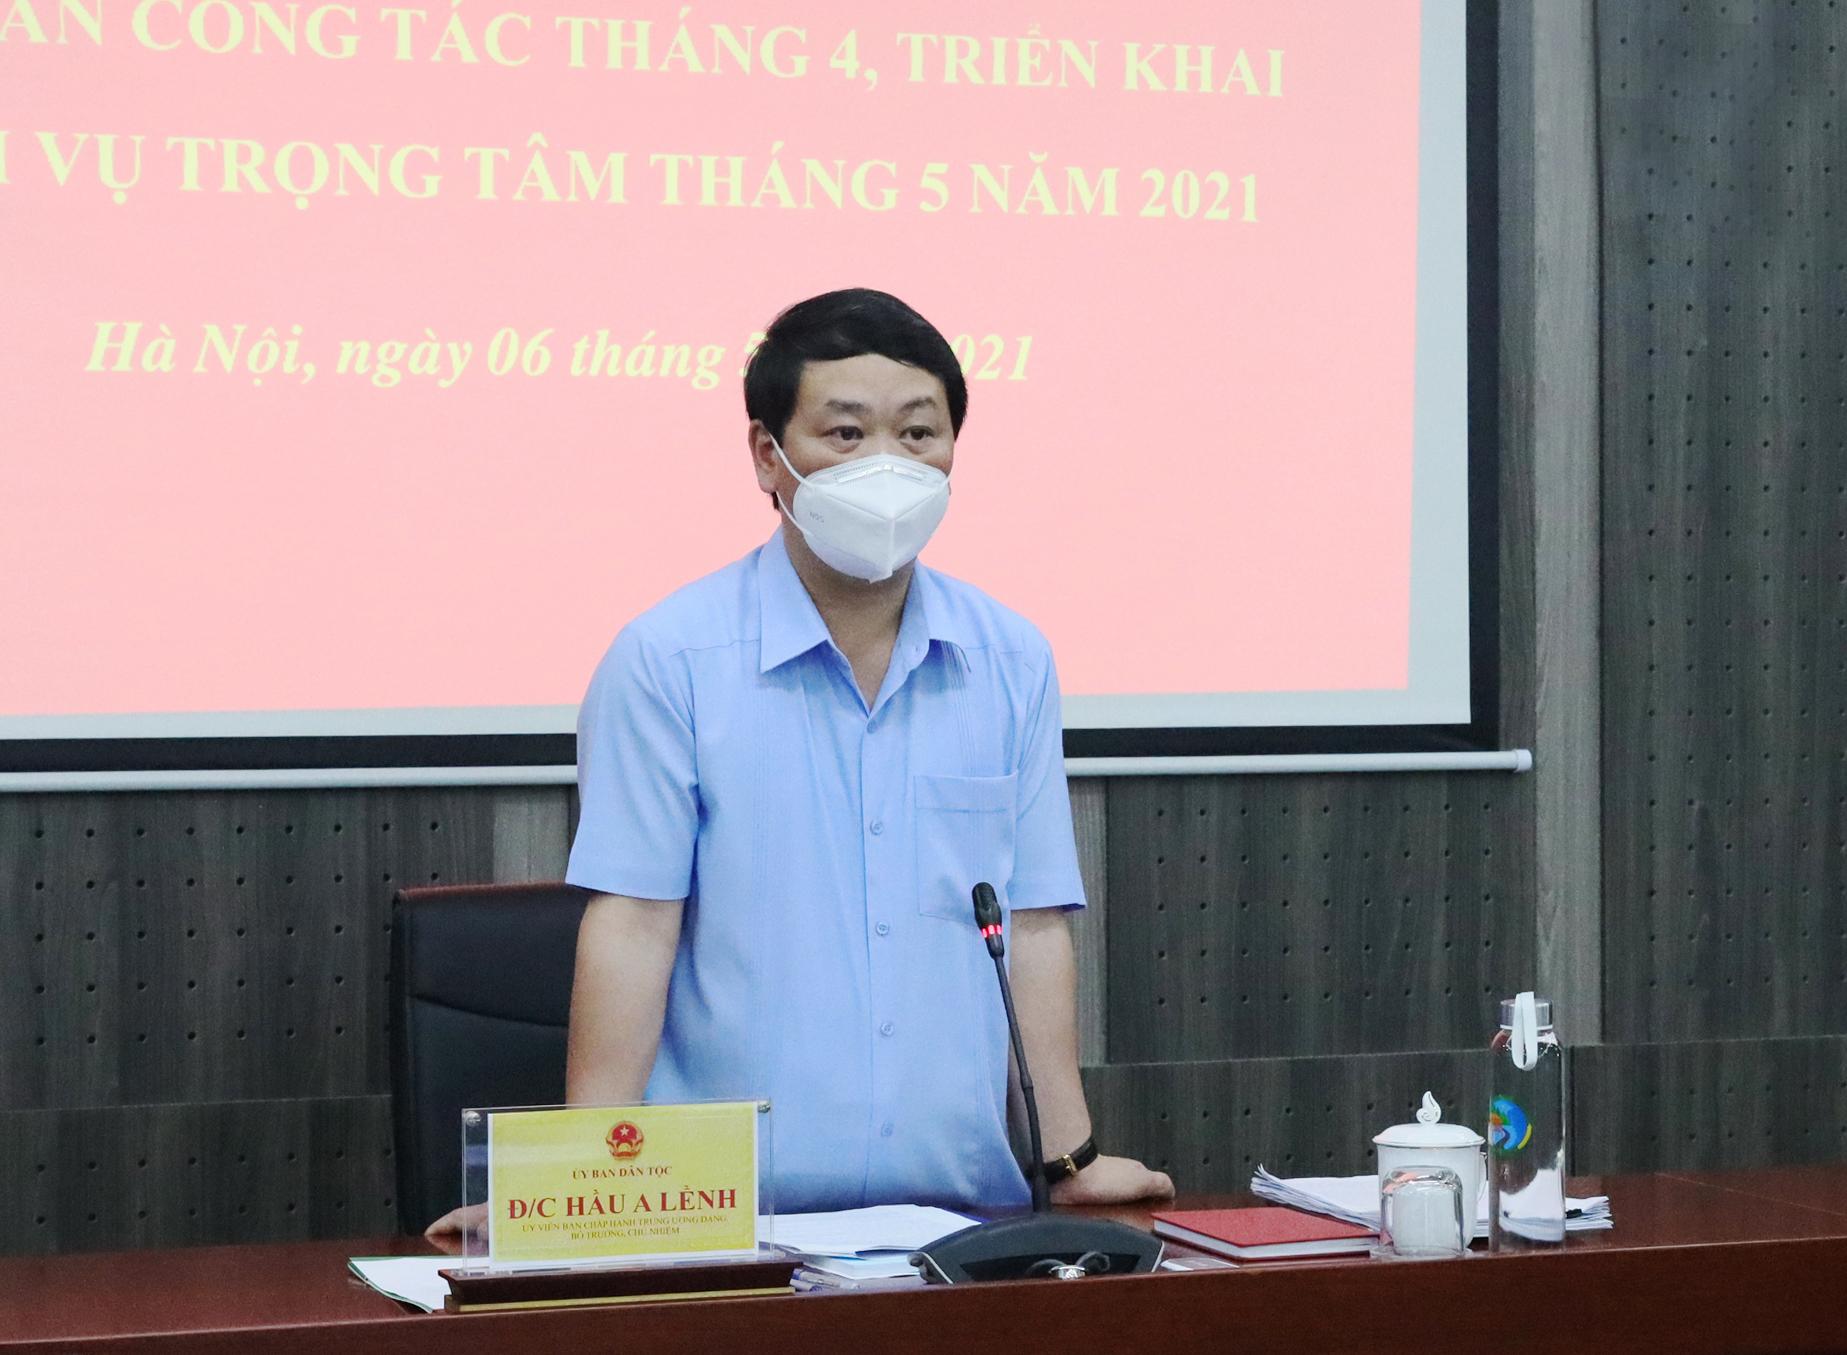 Bộ trưởng, Chủ nhiệm Hầu A Lềnh phát biểu chỉ đạo tại Hội nghị